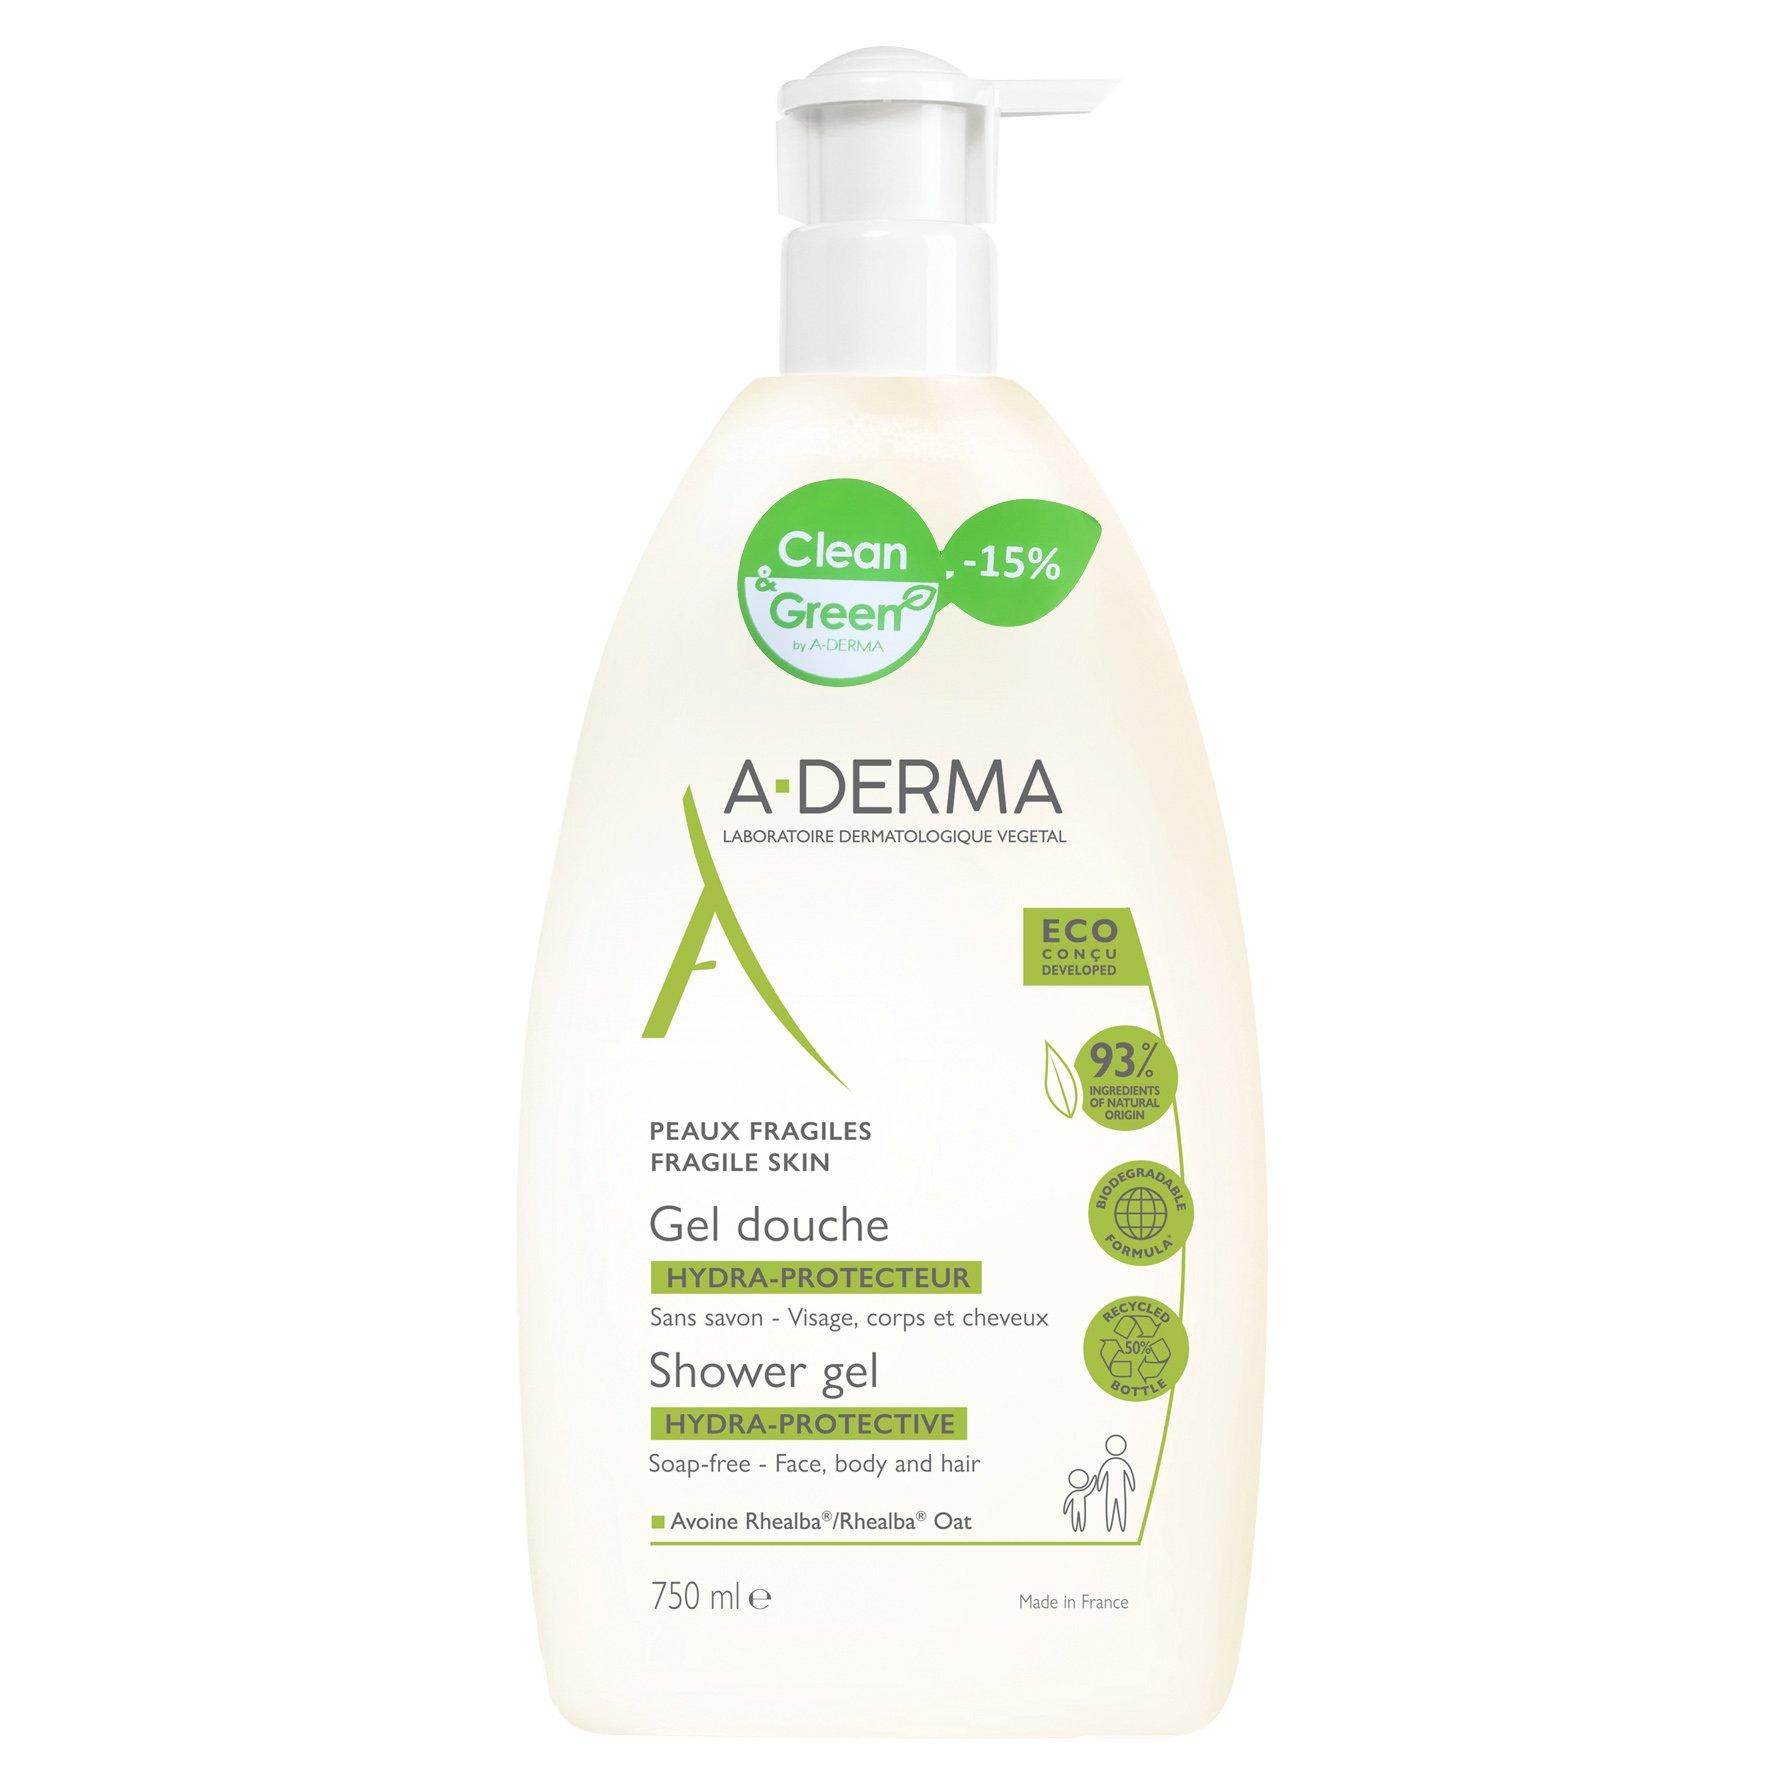 A-Derma Promo Hydra Protective Shower Gel Απαλό και Κρεμώδες Gel Καθαρισμού για Ευαίσθητες Επιδερμίδες 750ml -15%